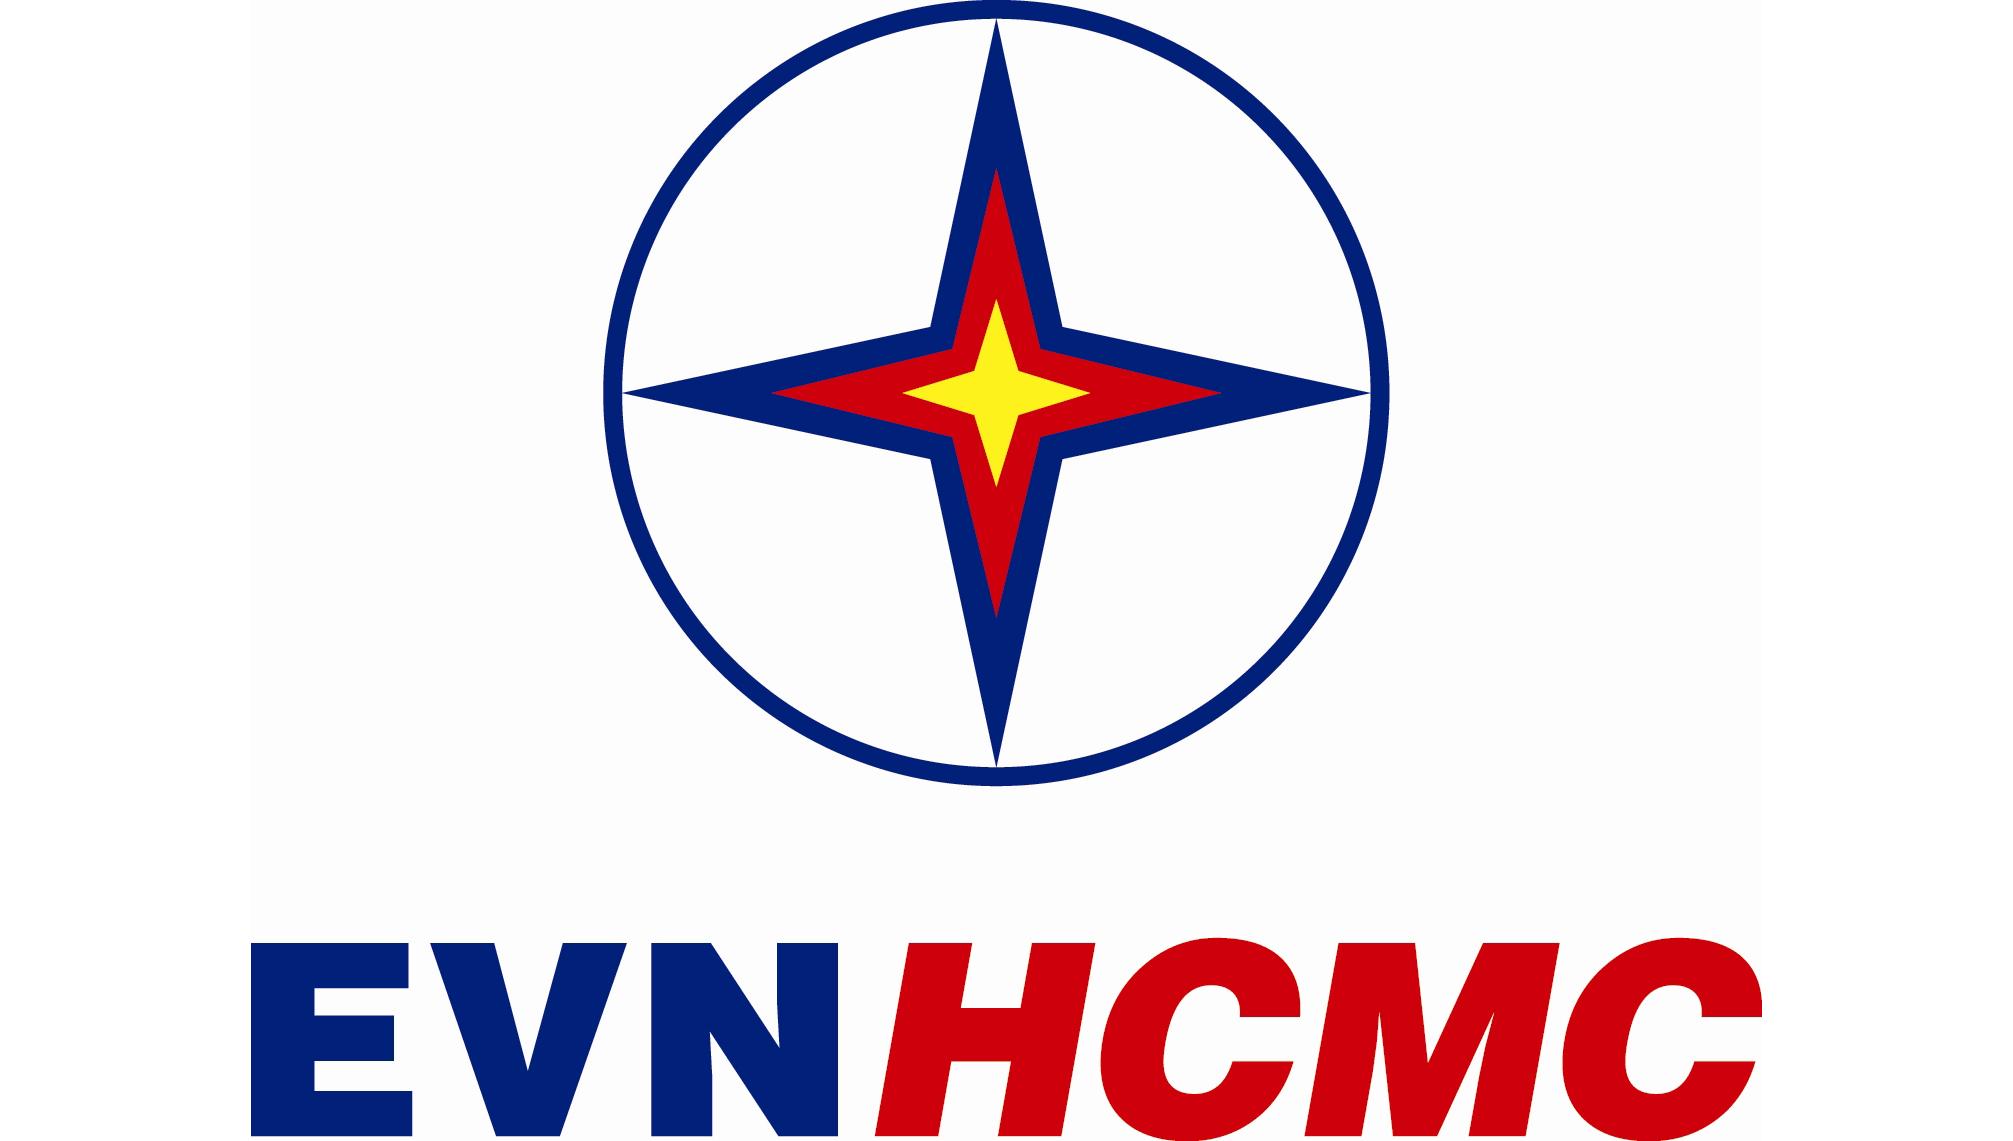 Tổng công ty Điện lực TP.HCM - EVNHCMC | Đối Tác In Thẻ Nhựa tại Xưởng Sản Xuất Thẻ Nhựa Hồ Việt Phát